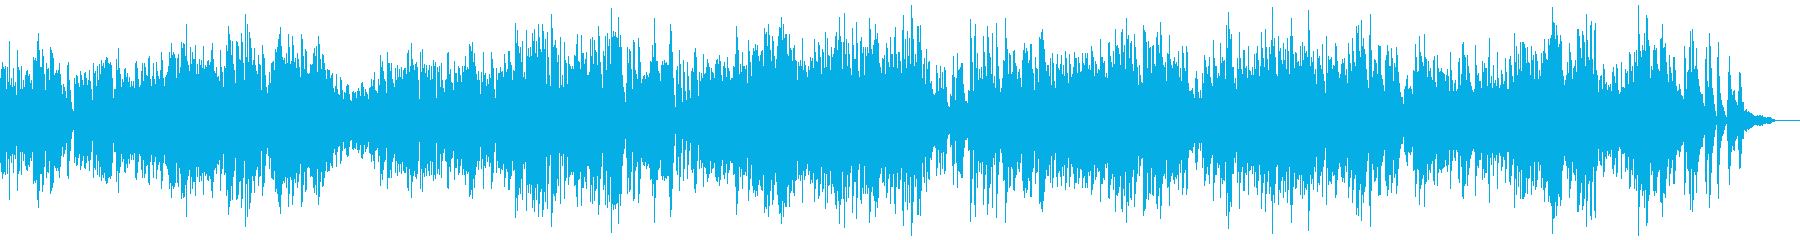 グランドピアノで演奏される人気のク...の再生済みの波形